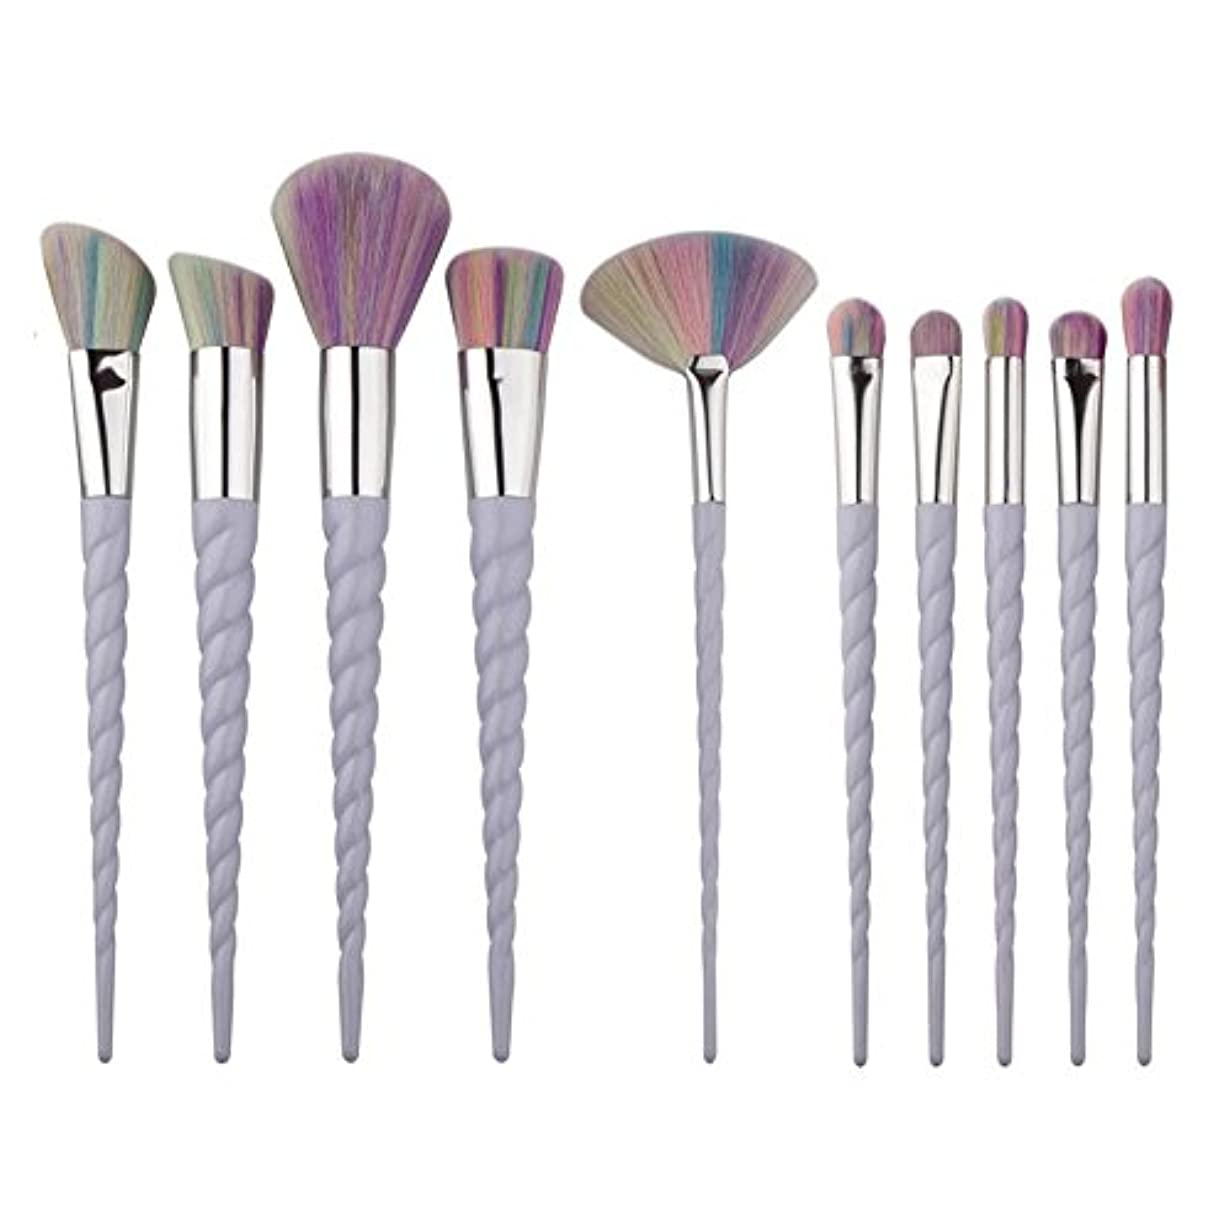 残基後悔爆発するDilla Beauty 10本セットユニコーンデザインプラスチックハンドル形状メイクブラシセット合成毛ファンデーションブラシアイシャドーブラッシャー美容ツール (ホワイト-1)